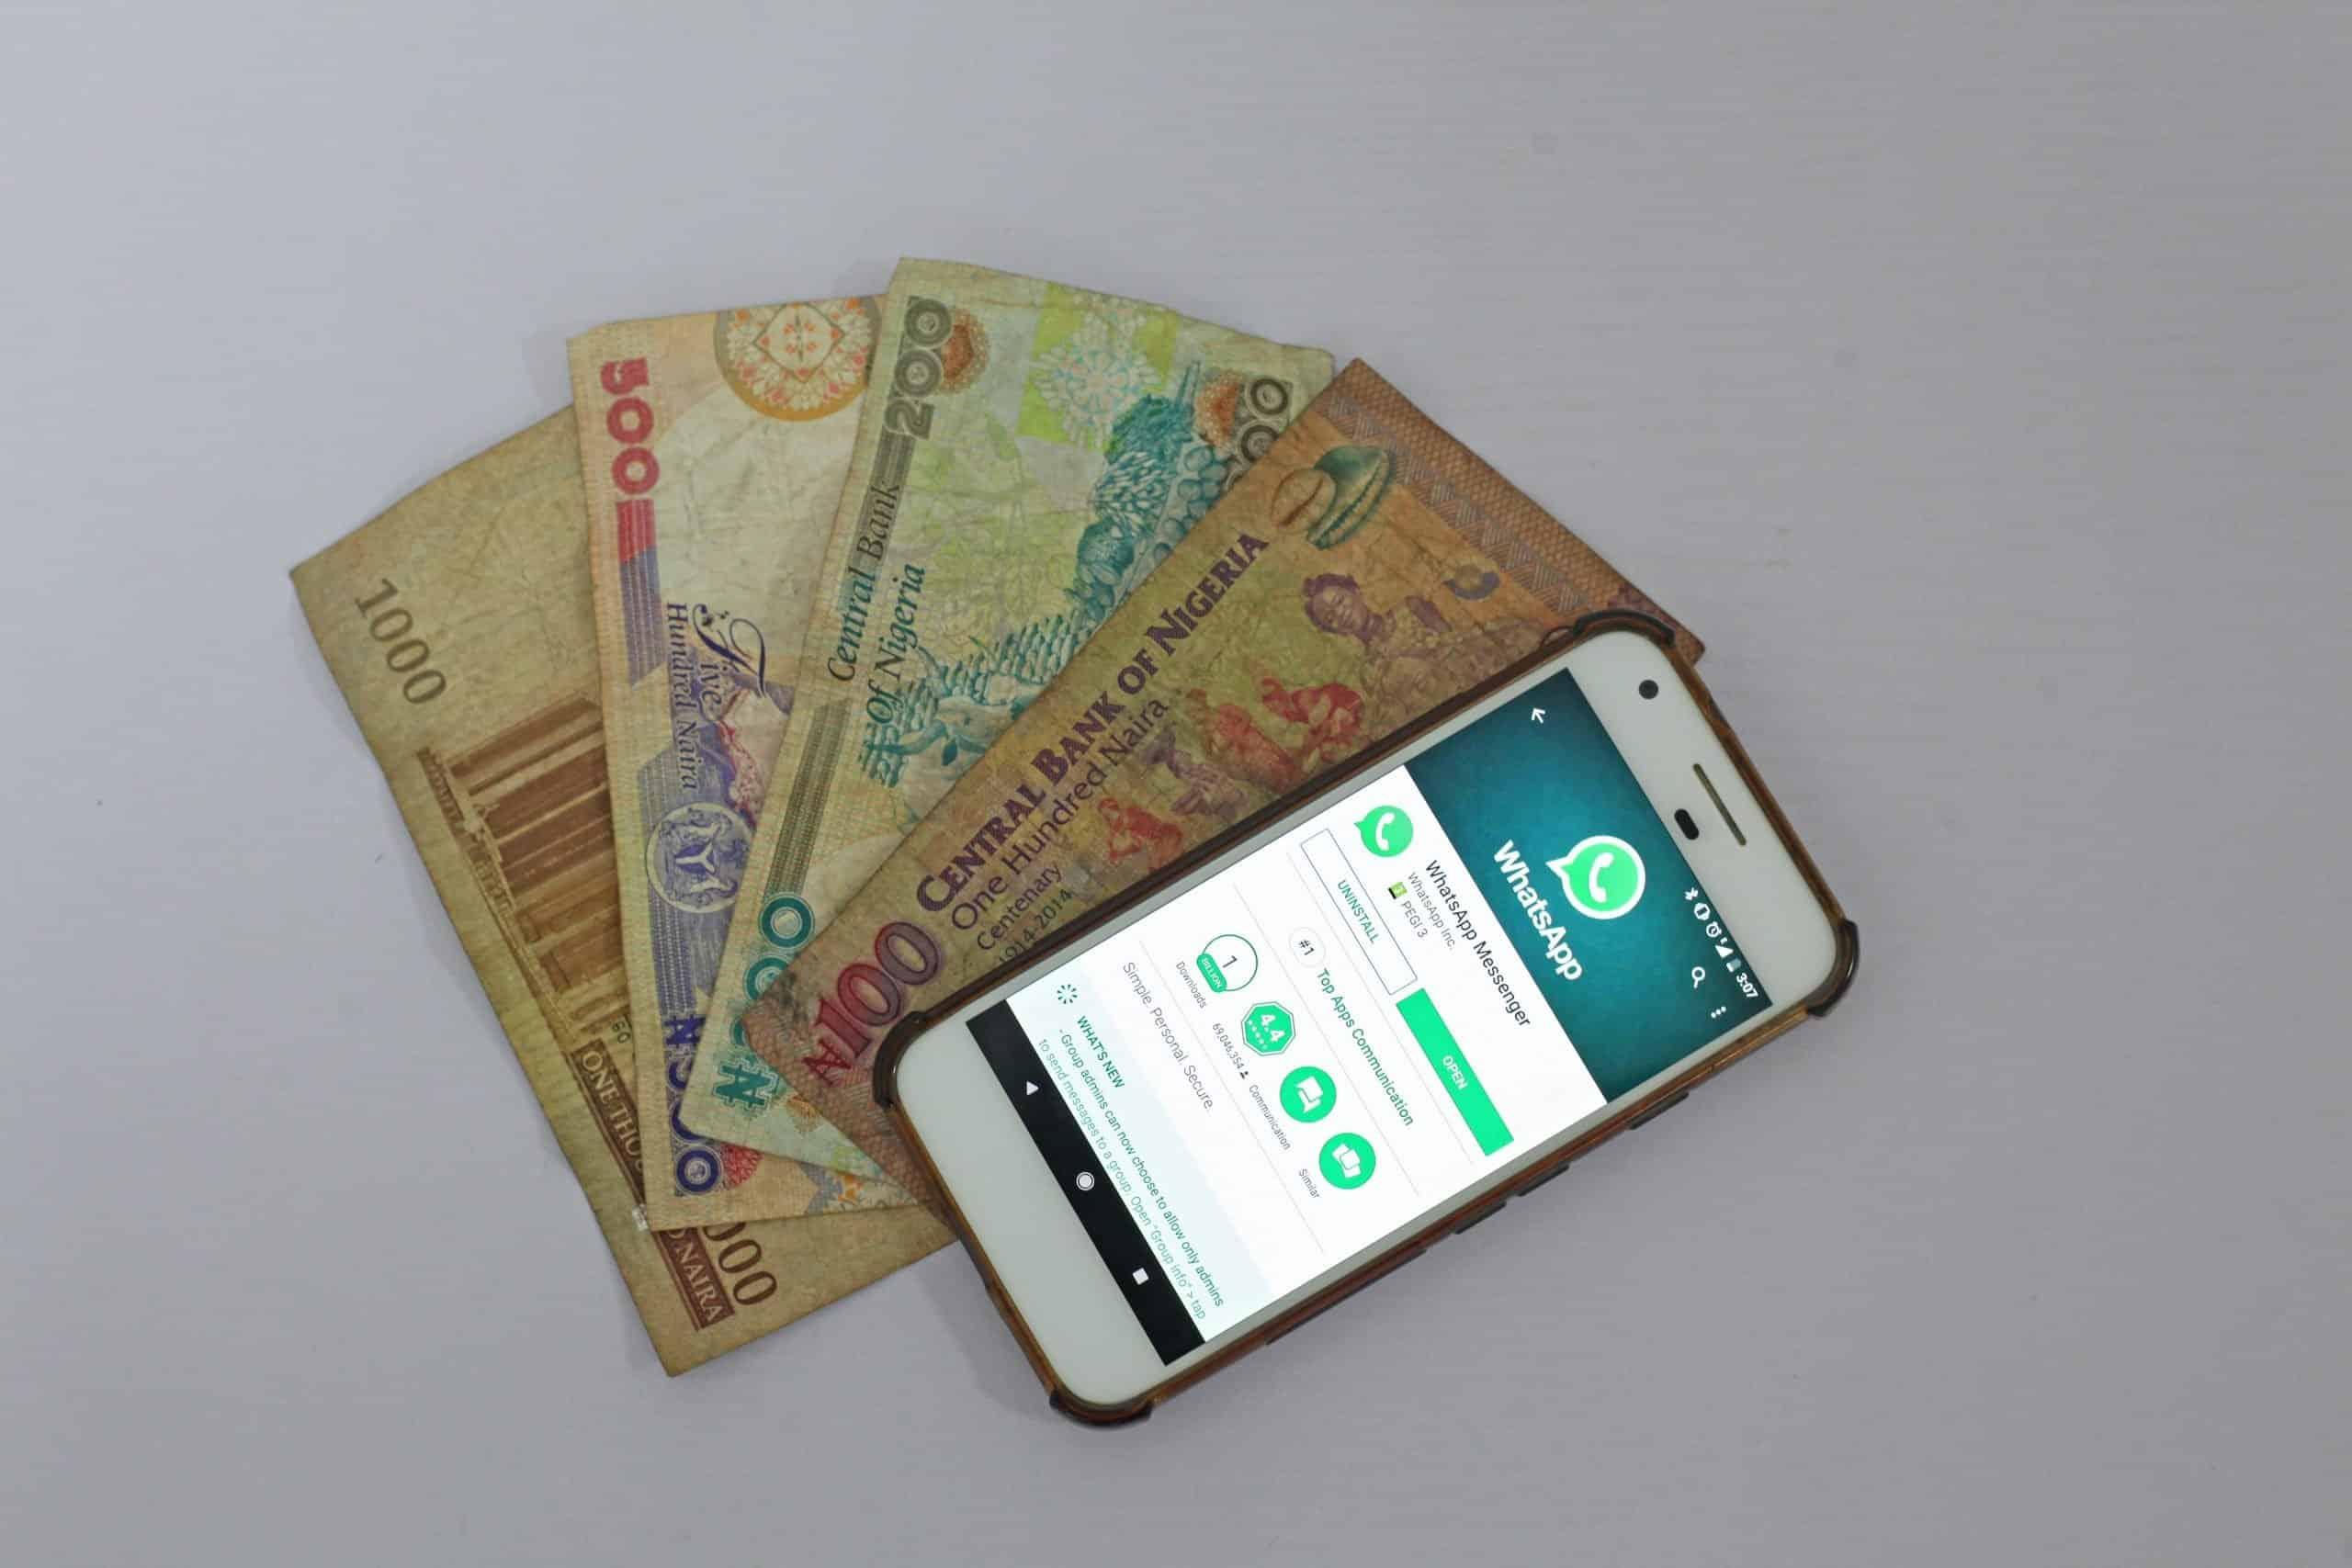 webhelyeket, hogy gyorsan pénzt keressen)